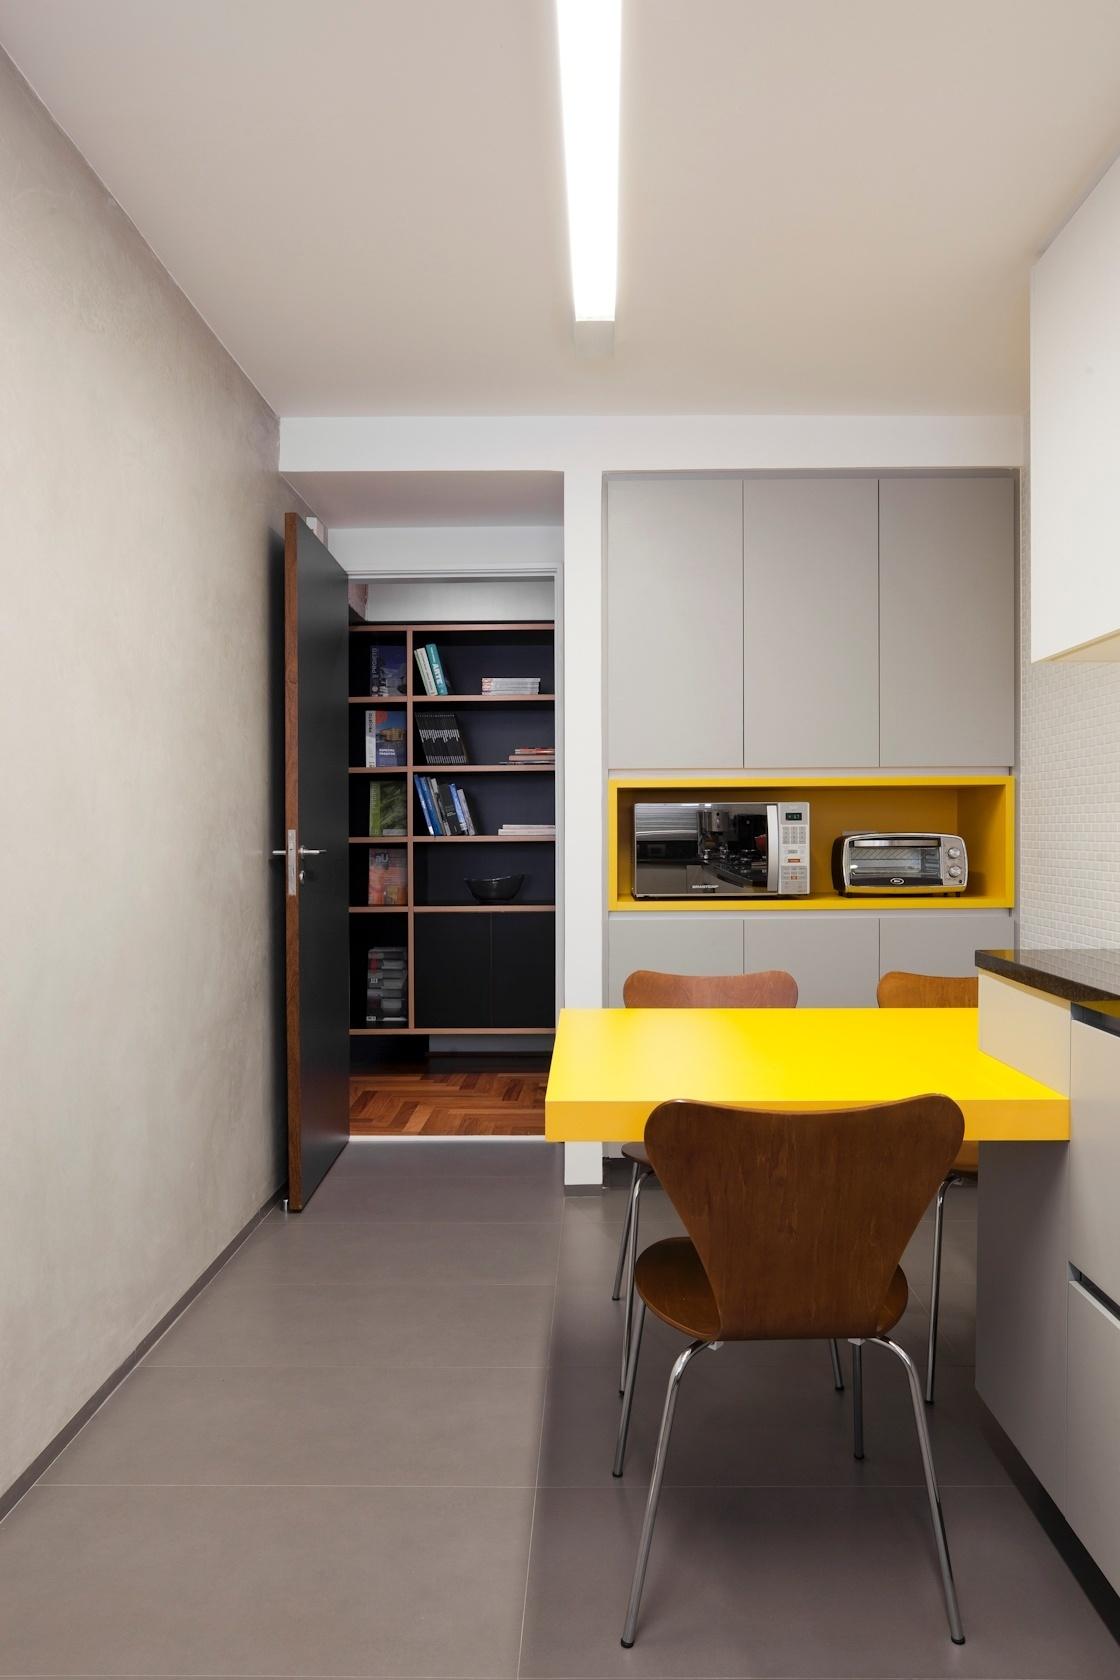 para construir ou reformar a cozinha de casa BOL Fotos BOL Fotos #C6A905 1120 1680